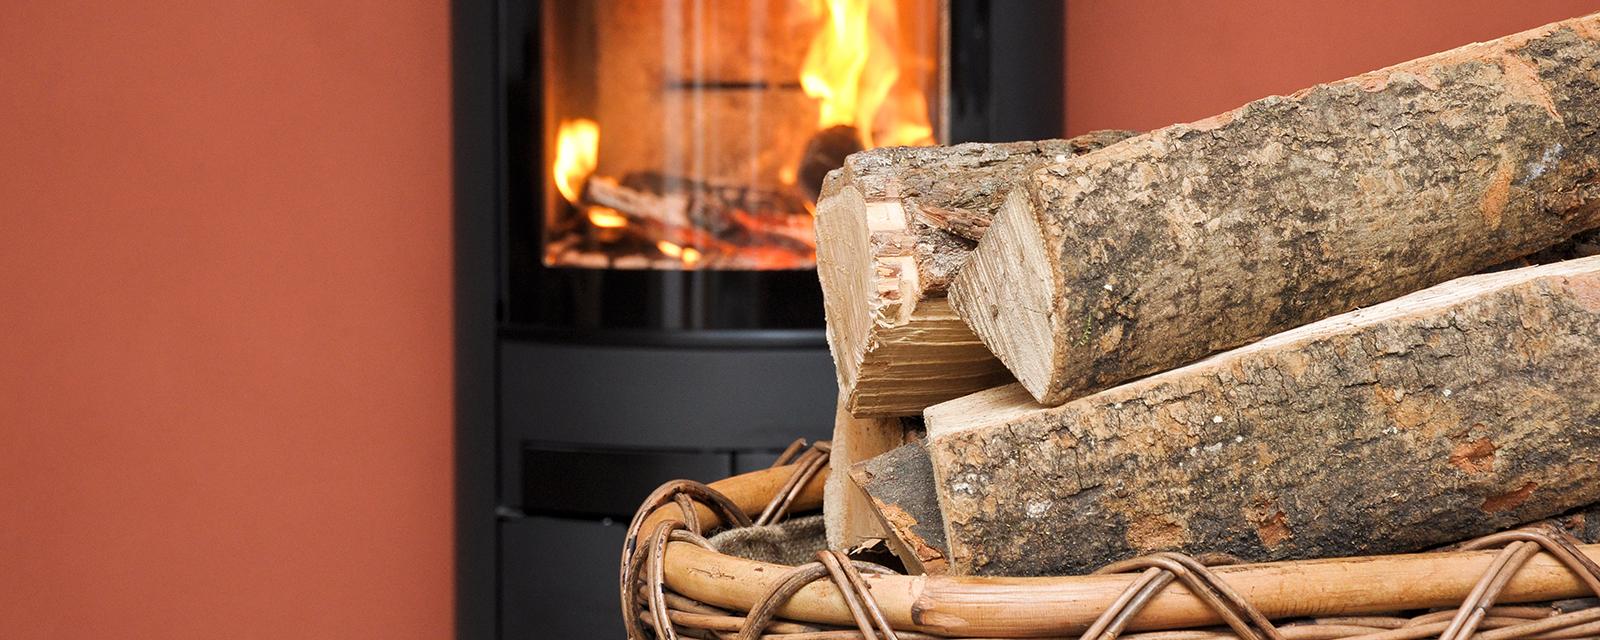 Bien Choisir Granulés De Bois comment bien choisir son bois de chauffage ? | guide artisan